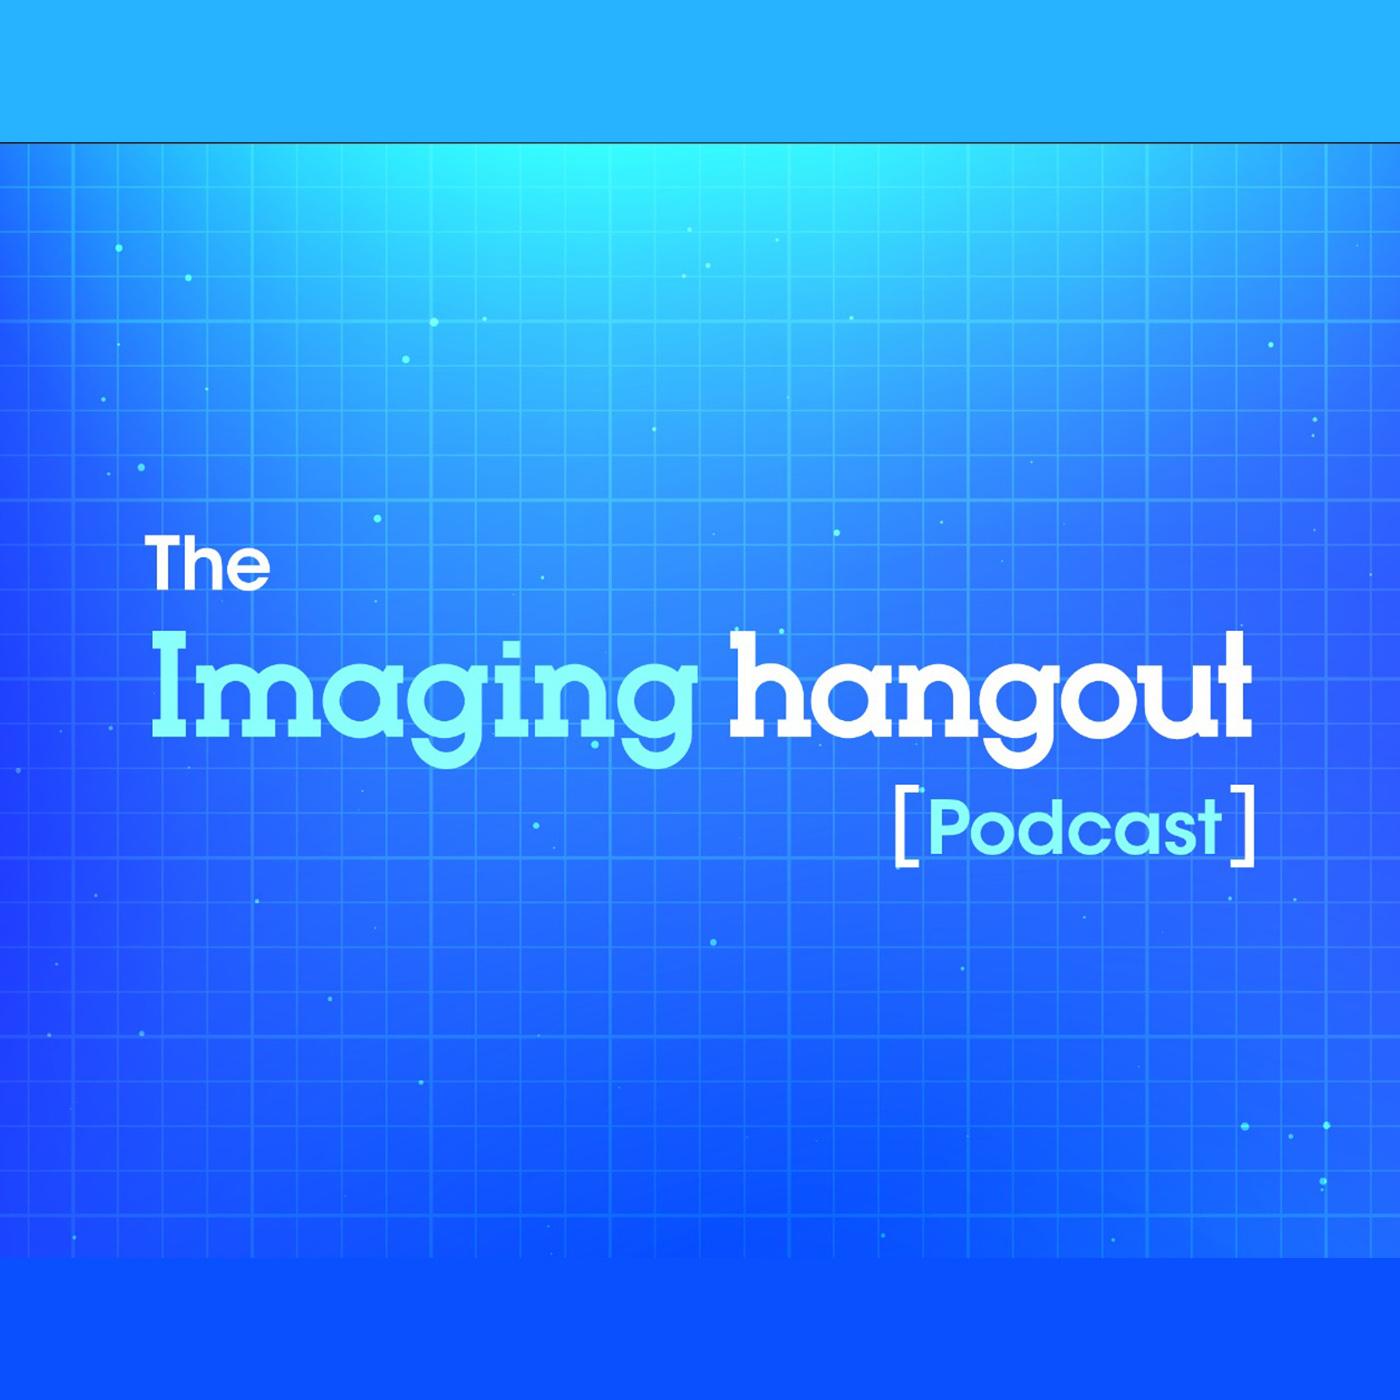 The Imaging Hangout show art